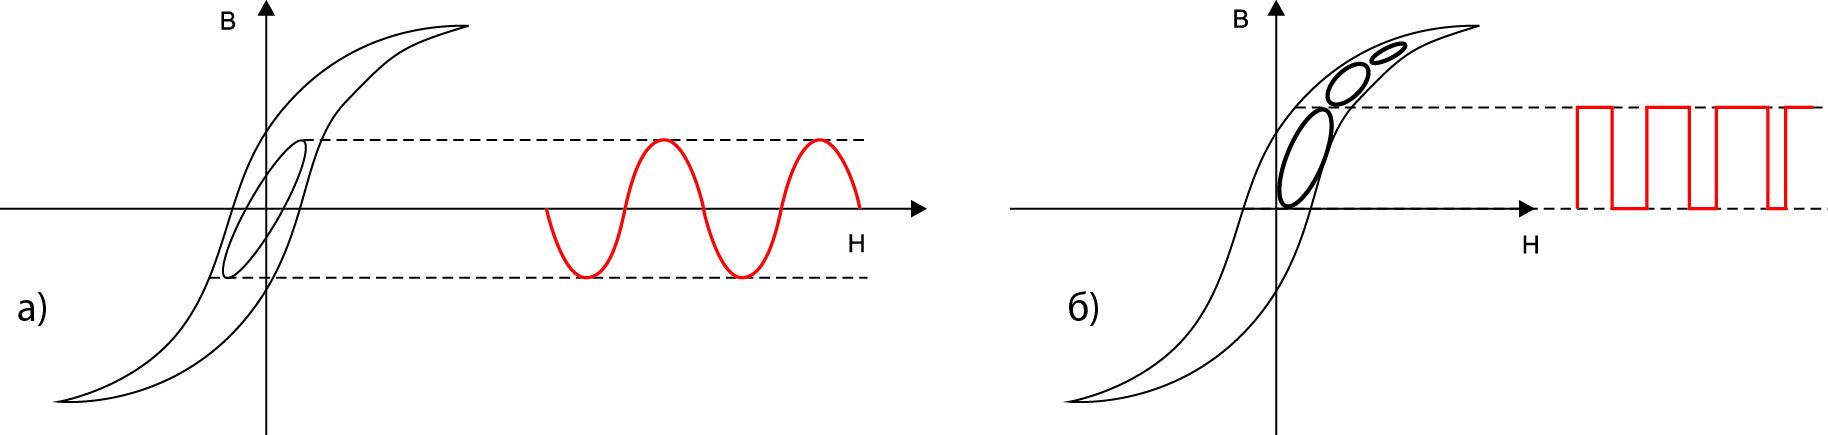 Моделирование с использованием выражения Штейнмеца и его расширений